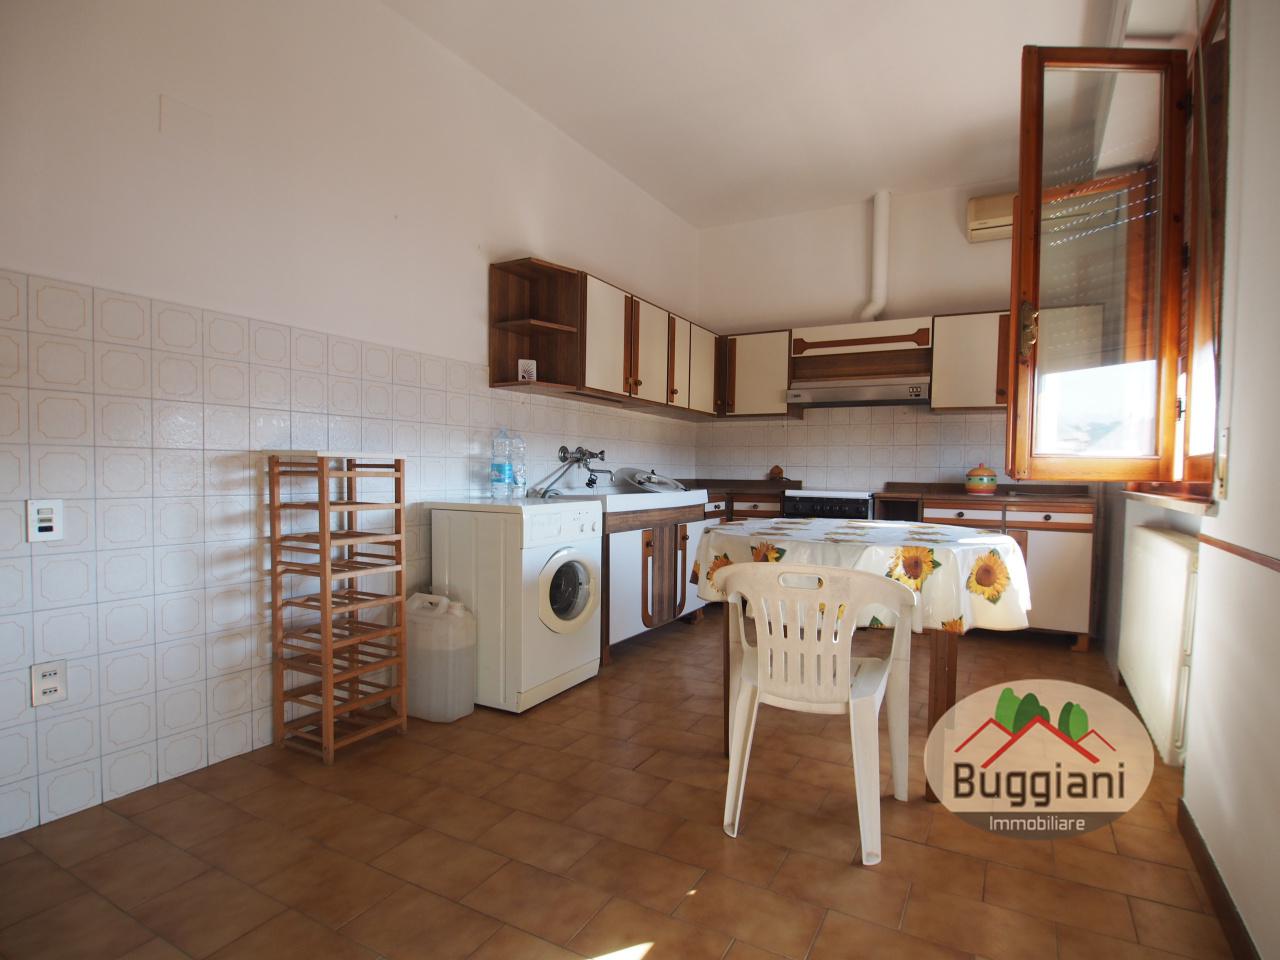 Appartamento in vendita RIF. 2176, San Miniato (PI)